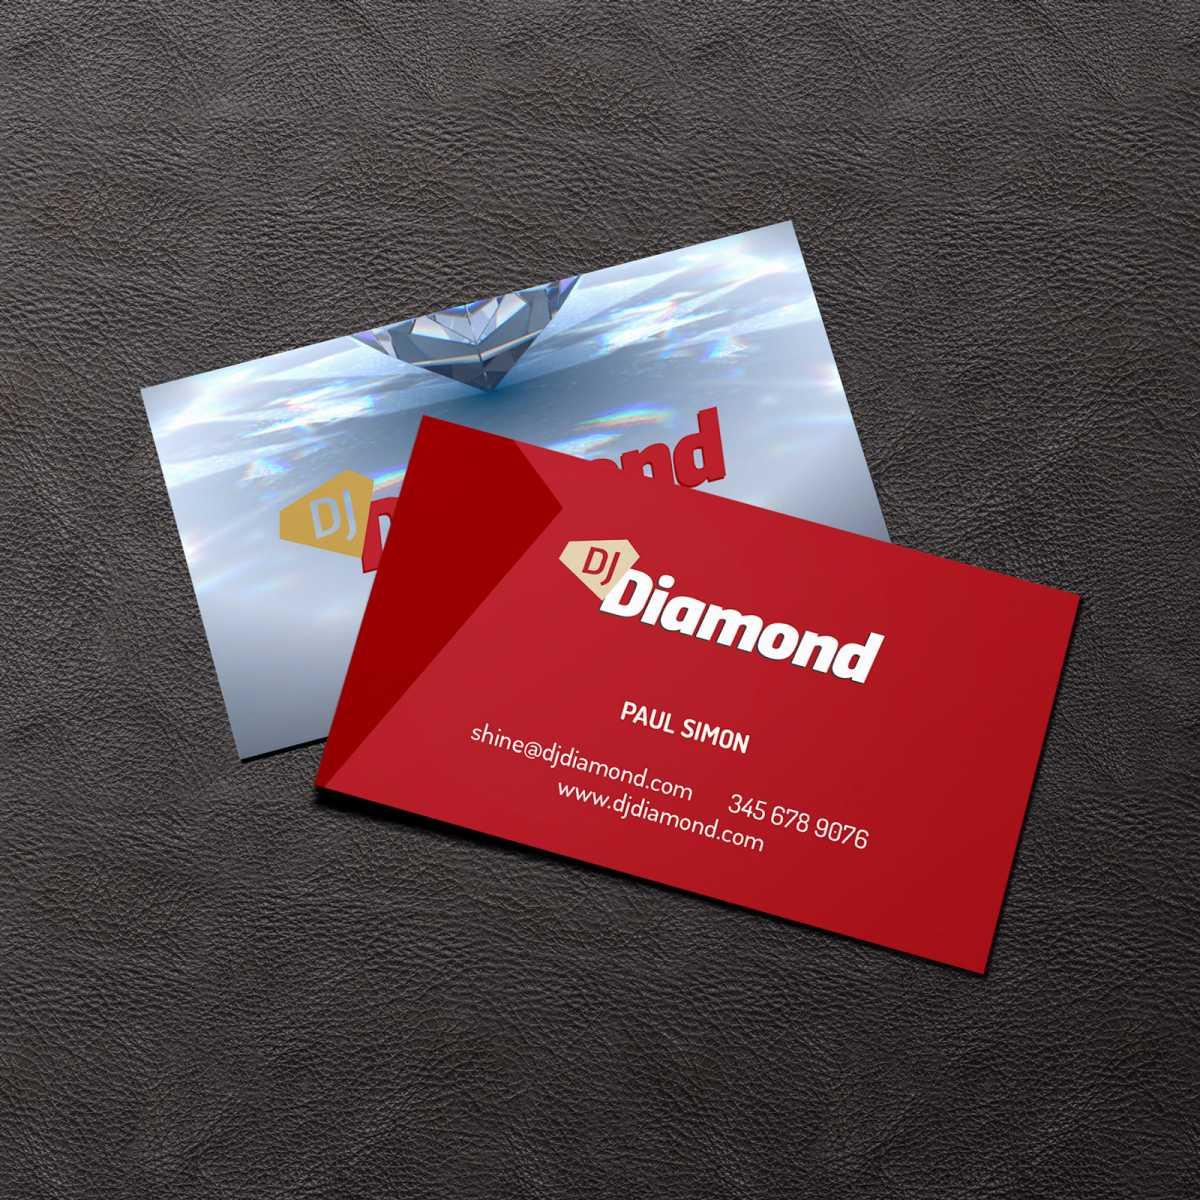 DJ-Diamond-Logo-6